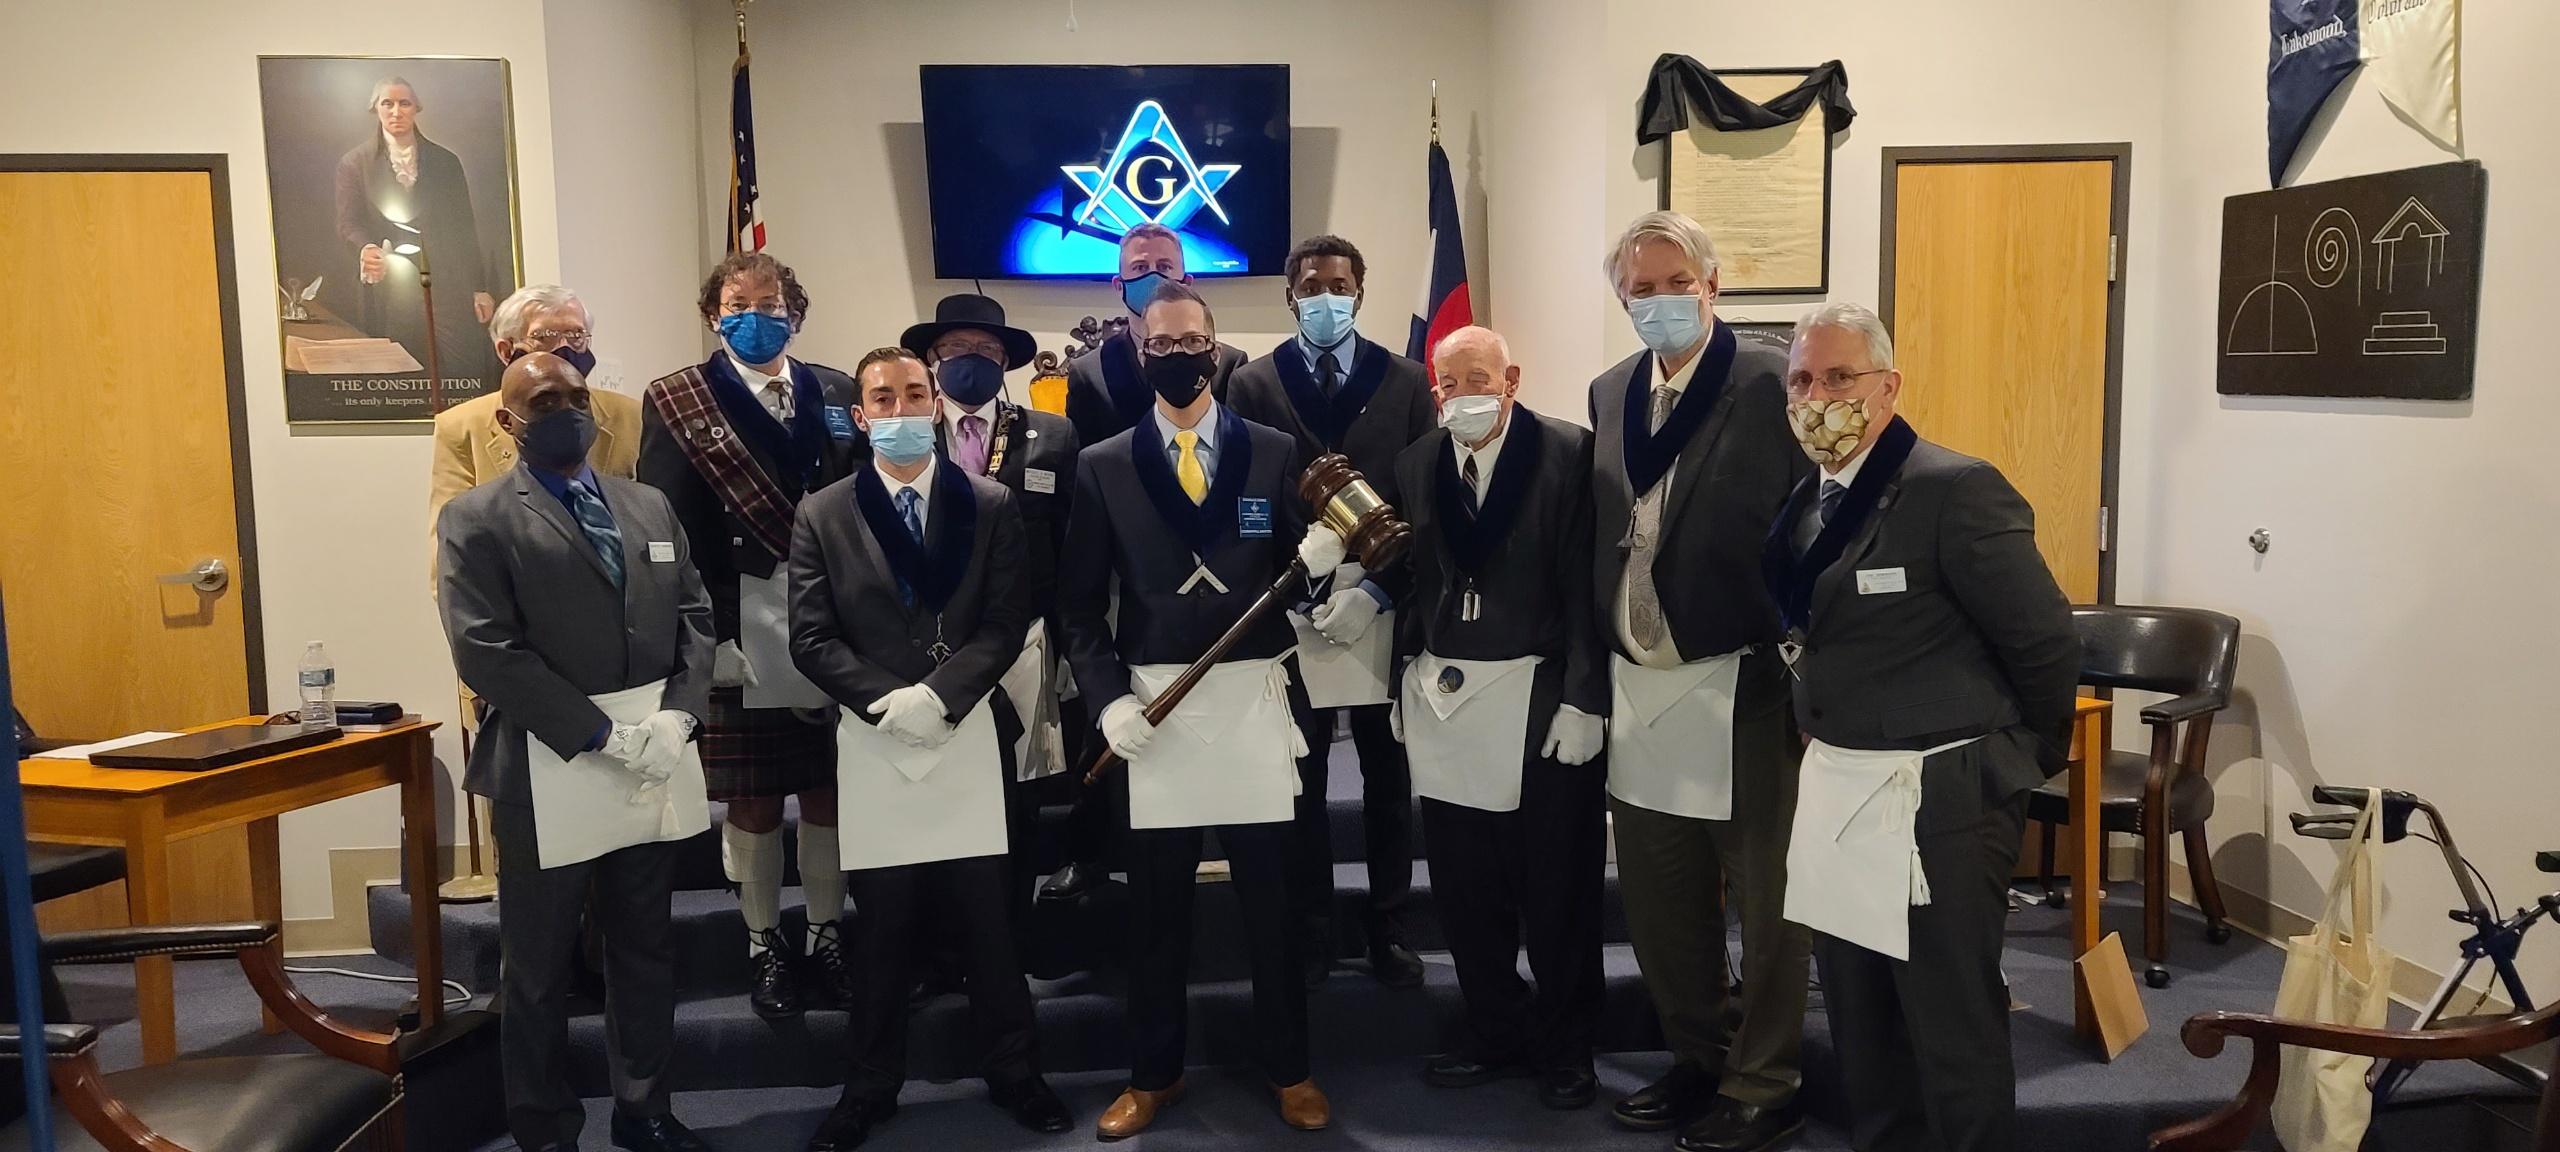 Lakewood Masonic Lodge with Traveling Gavel 2021